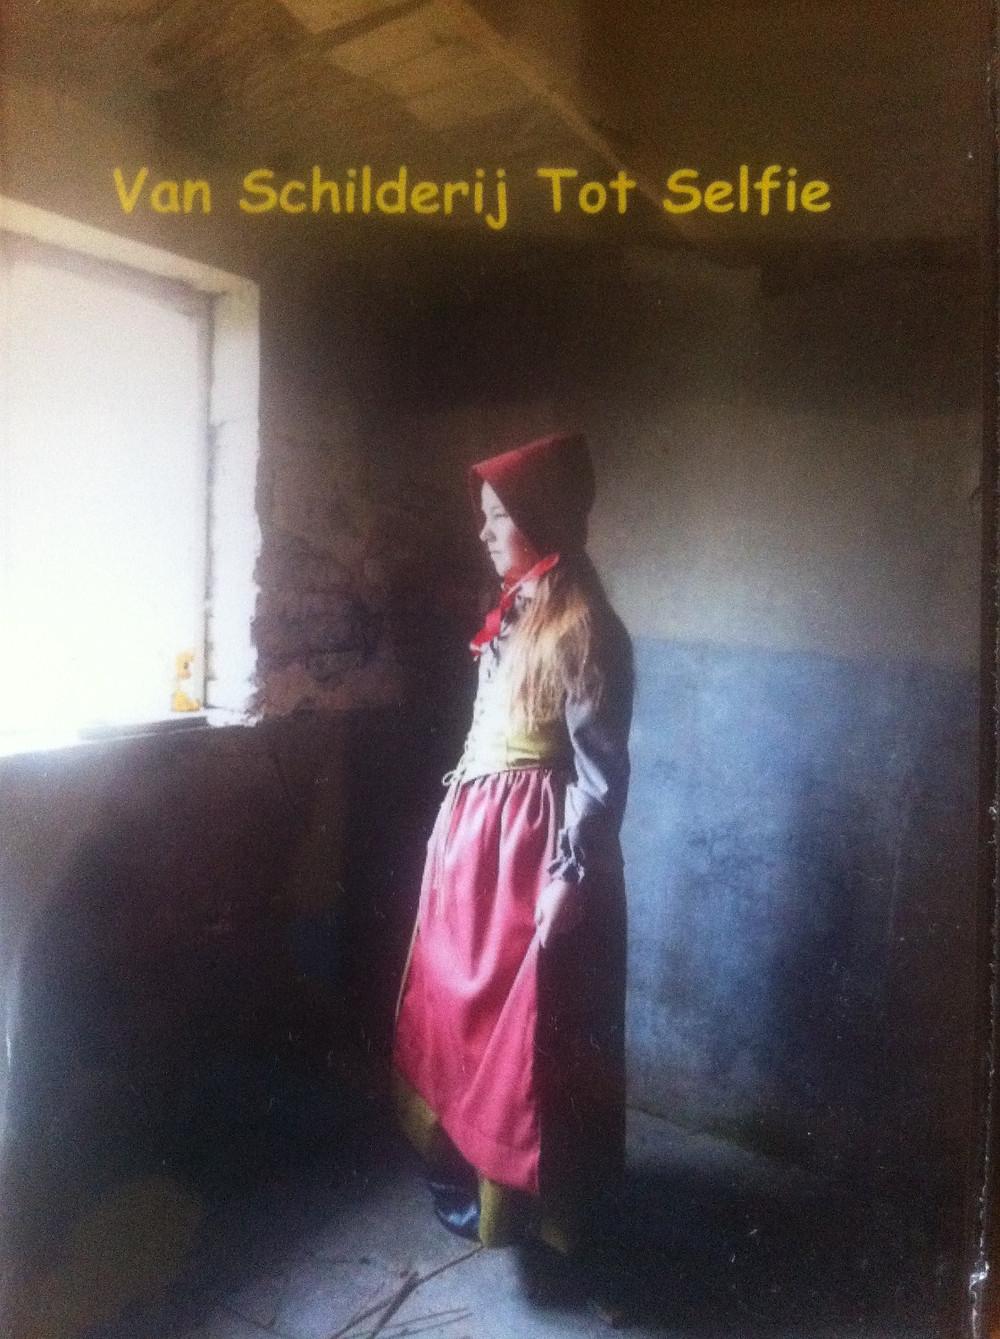 In juni is de film voor het project 'van Schilderij tot Selfie' afgerond. Sam speelt een prachtige dochter van Frans Hals. Een heel leuk én leerzaam project voor groep 5/6 basisschool. Allereerst voor basisscholen in Leerdam en omgeving, maar ook voor basisscholen die een project rondom schilderen en cultuur wil doen.